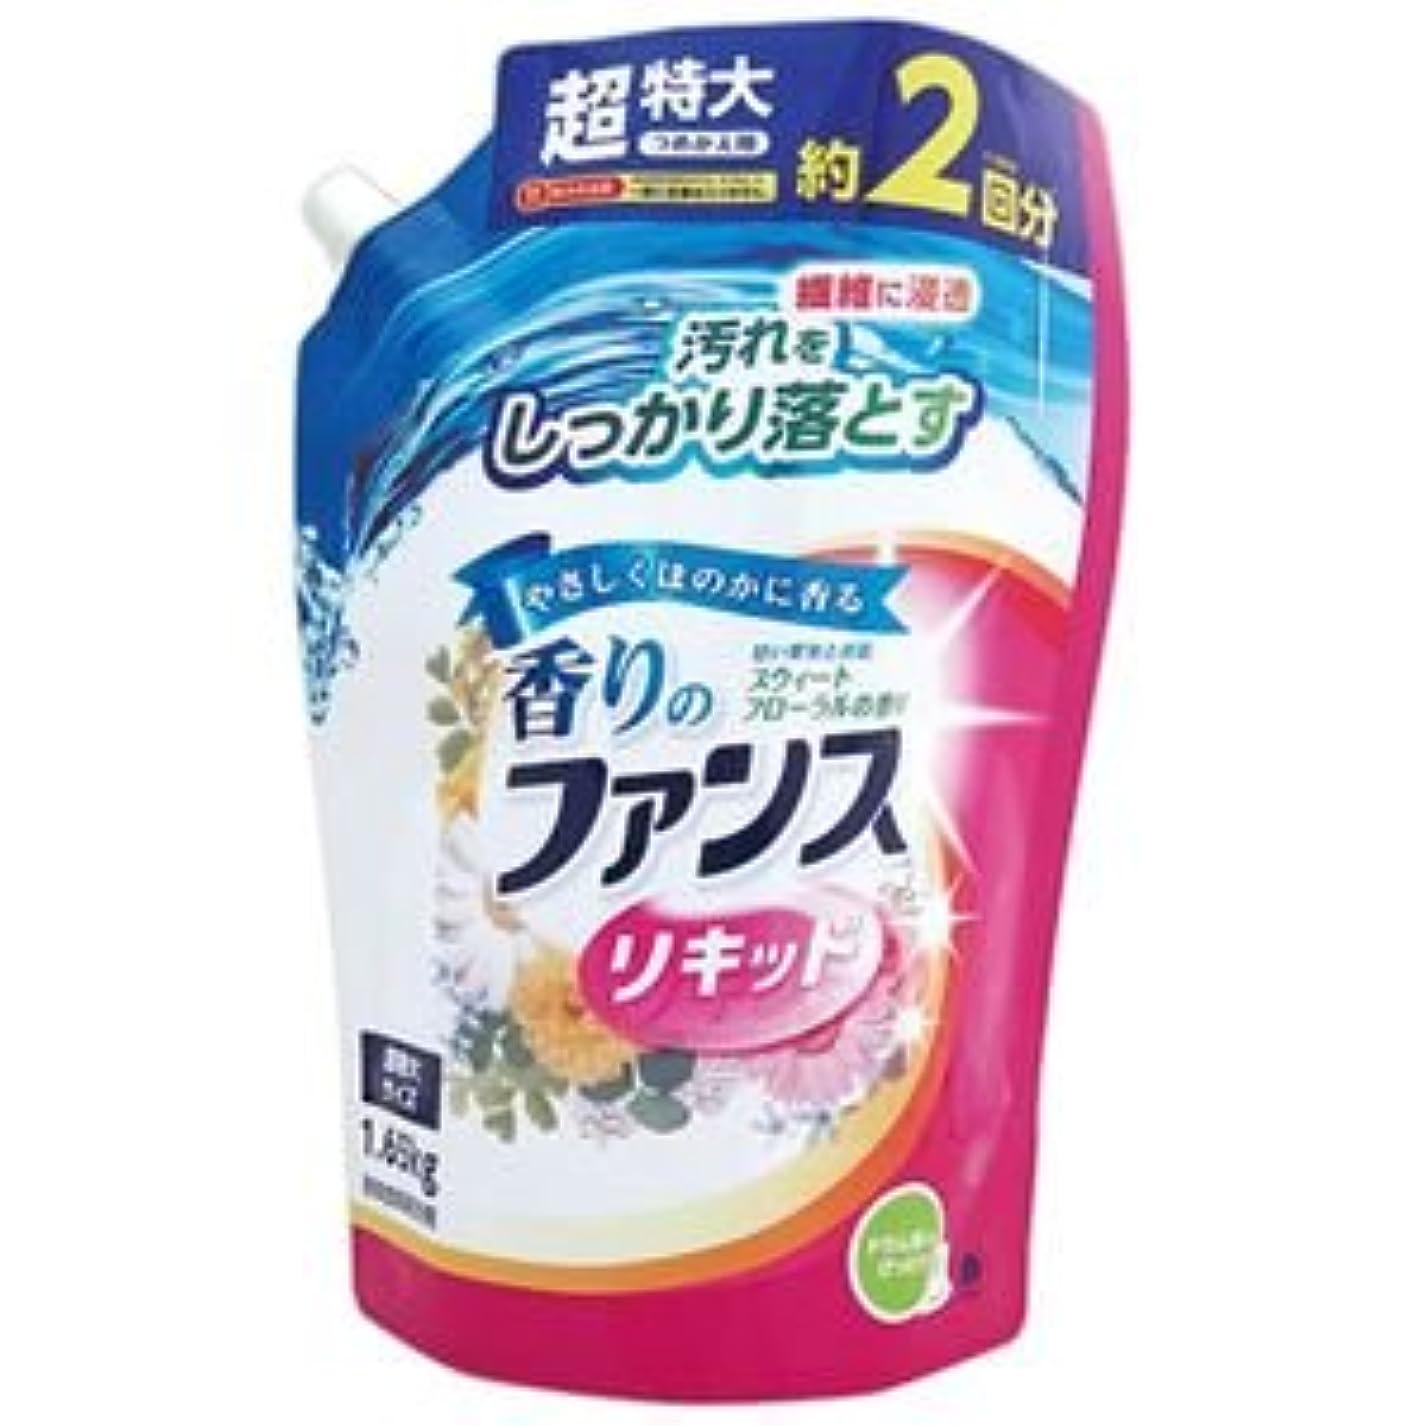 中世の世論調査本体(まとめ) 第一石鹸 香りのファンス 液体衣料用洗剤リキッド 詰替用 1.65kg 1セット(6個) 【×2セット】